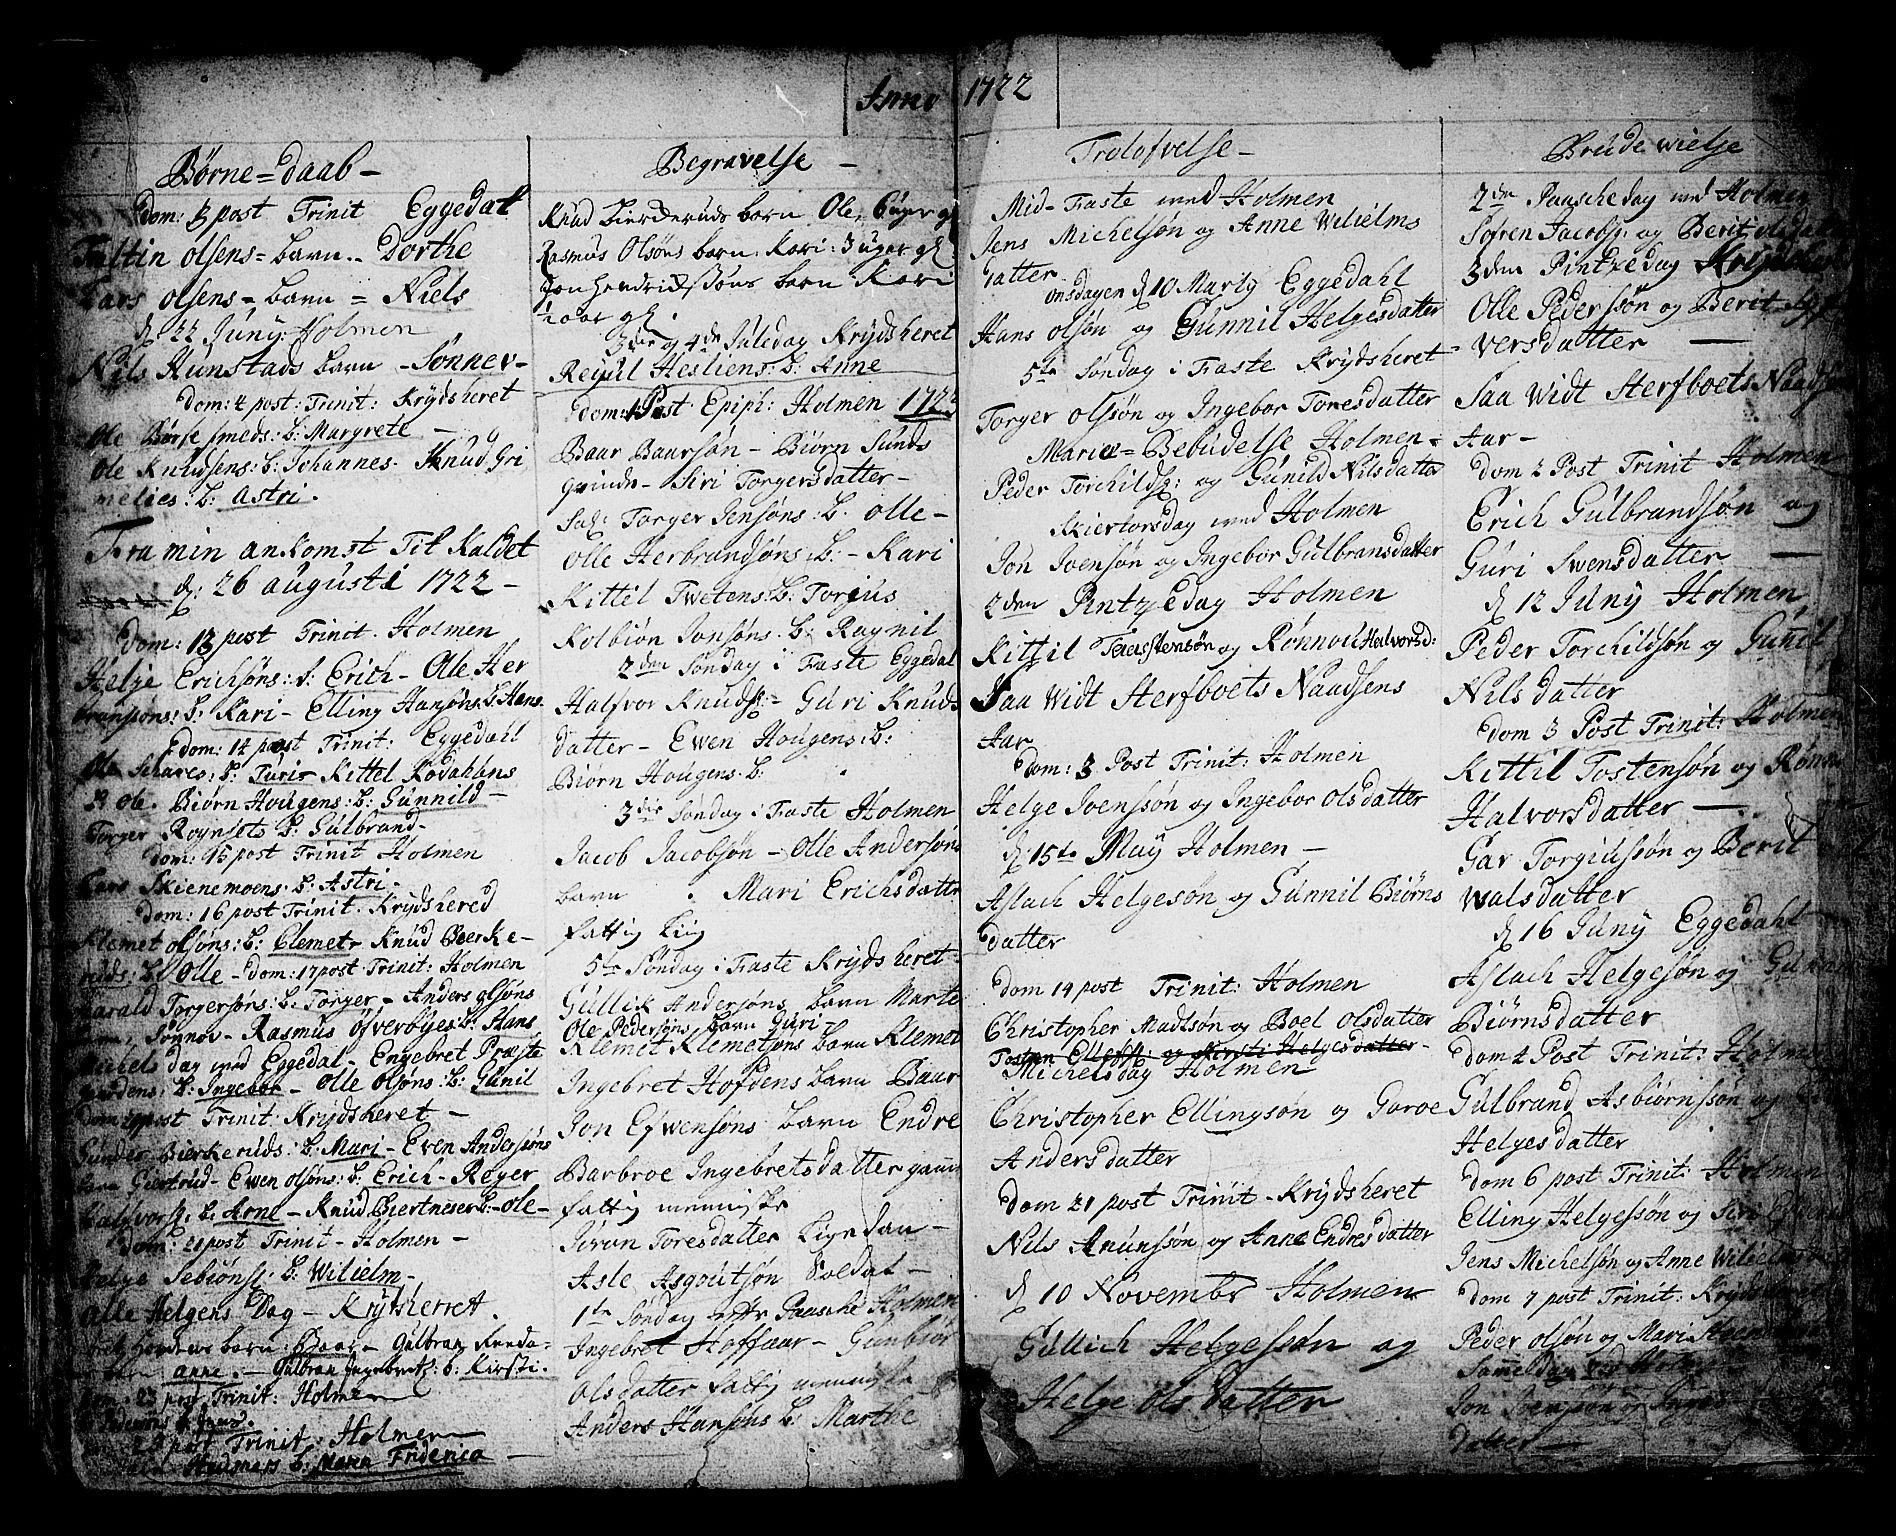 SAKO, Sigdal kirkebøker, F/Fa/L0001: Ministerialbok nr. I 1, 1722-1777, s. 5